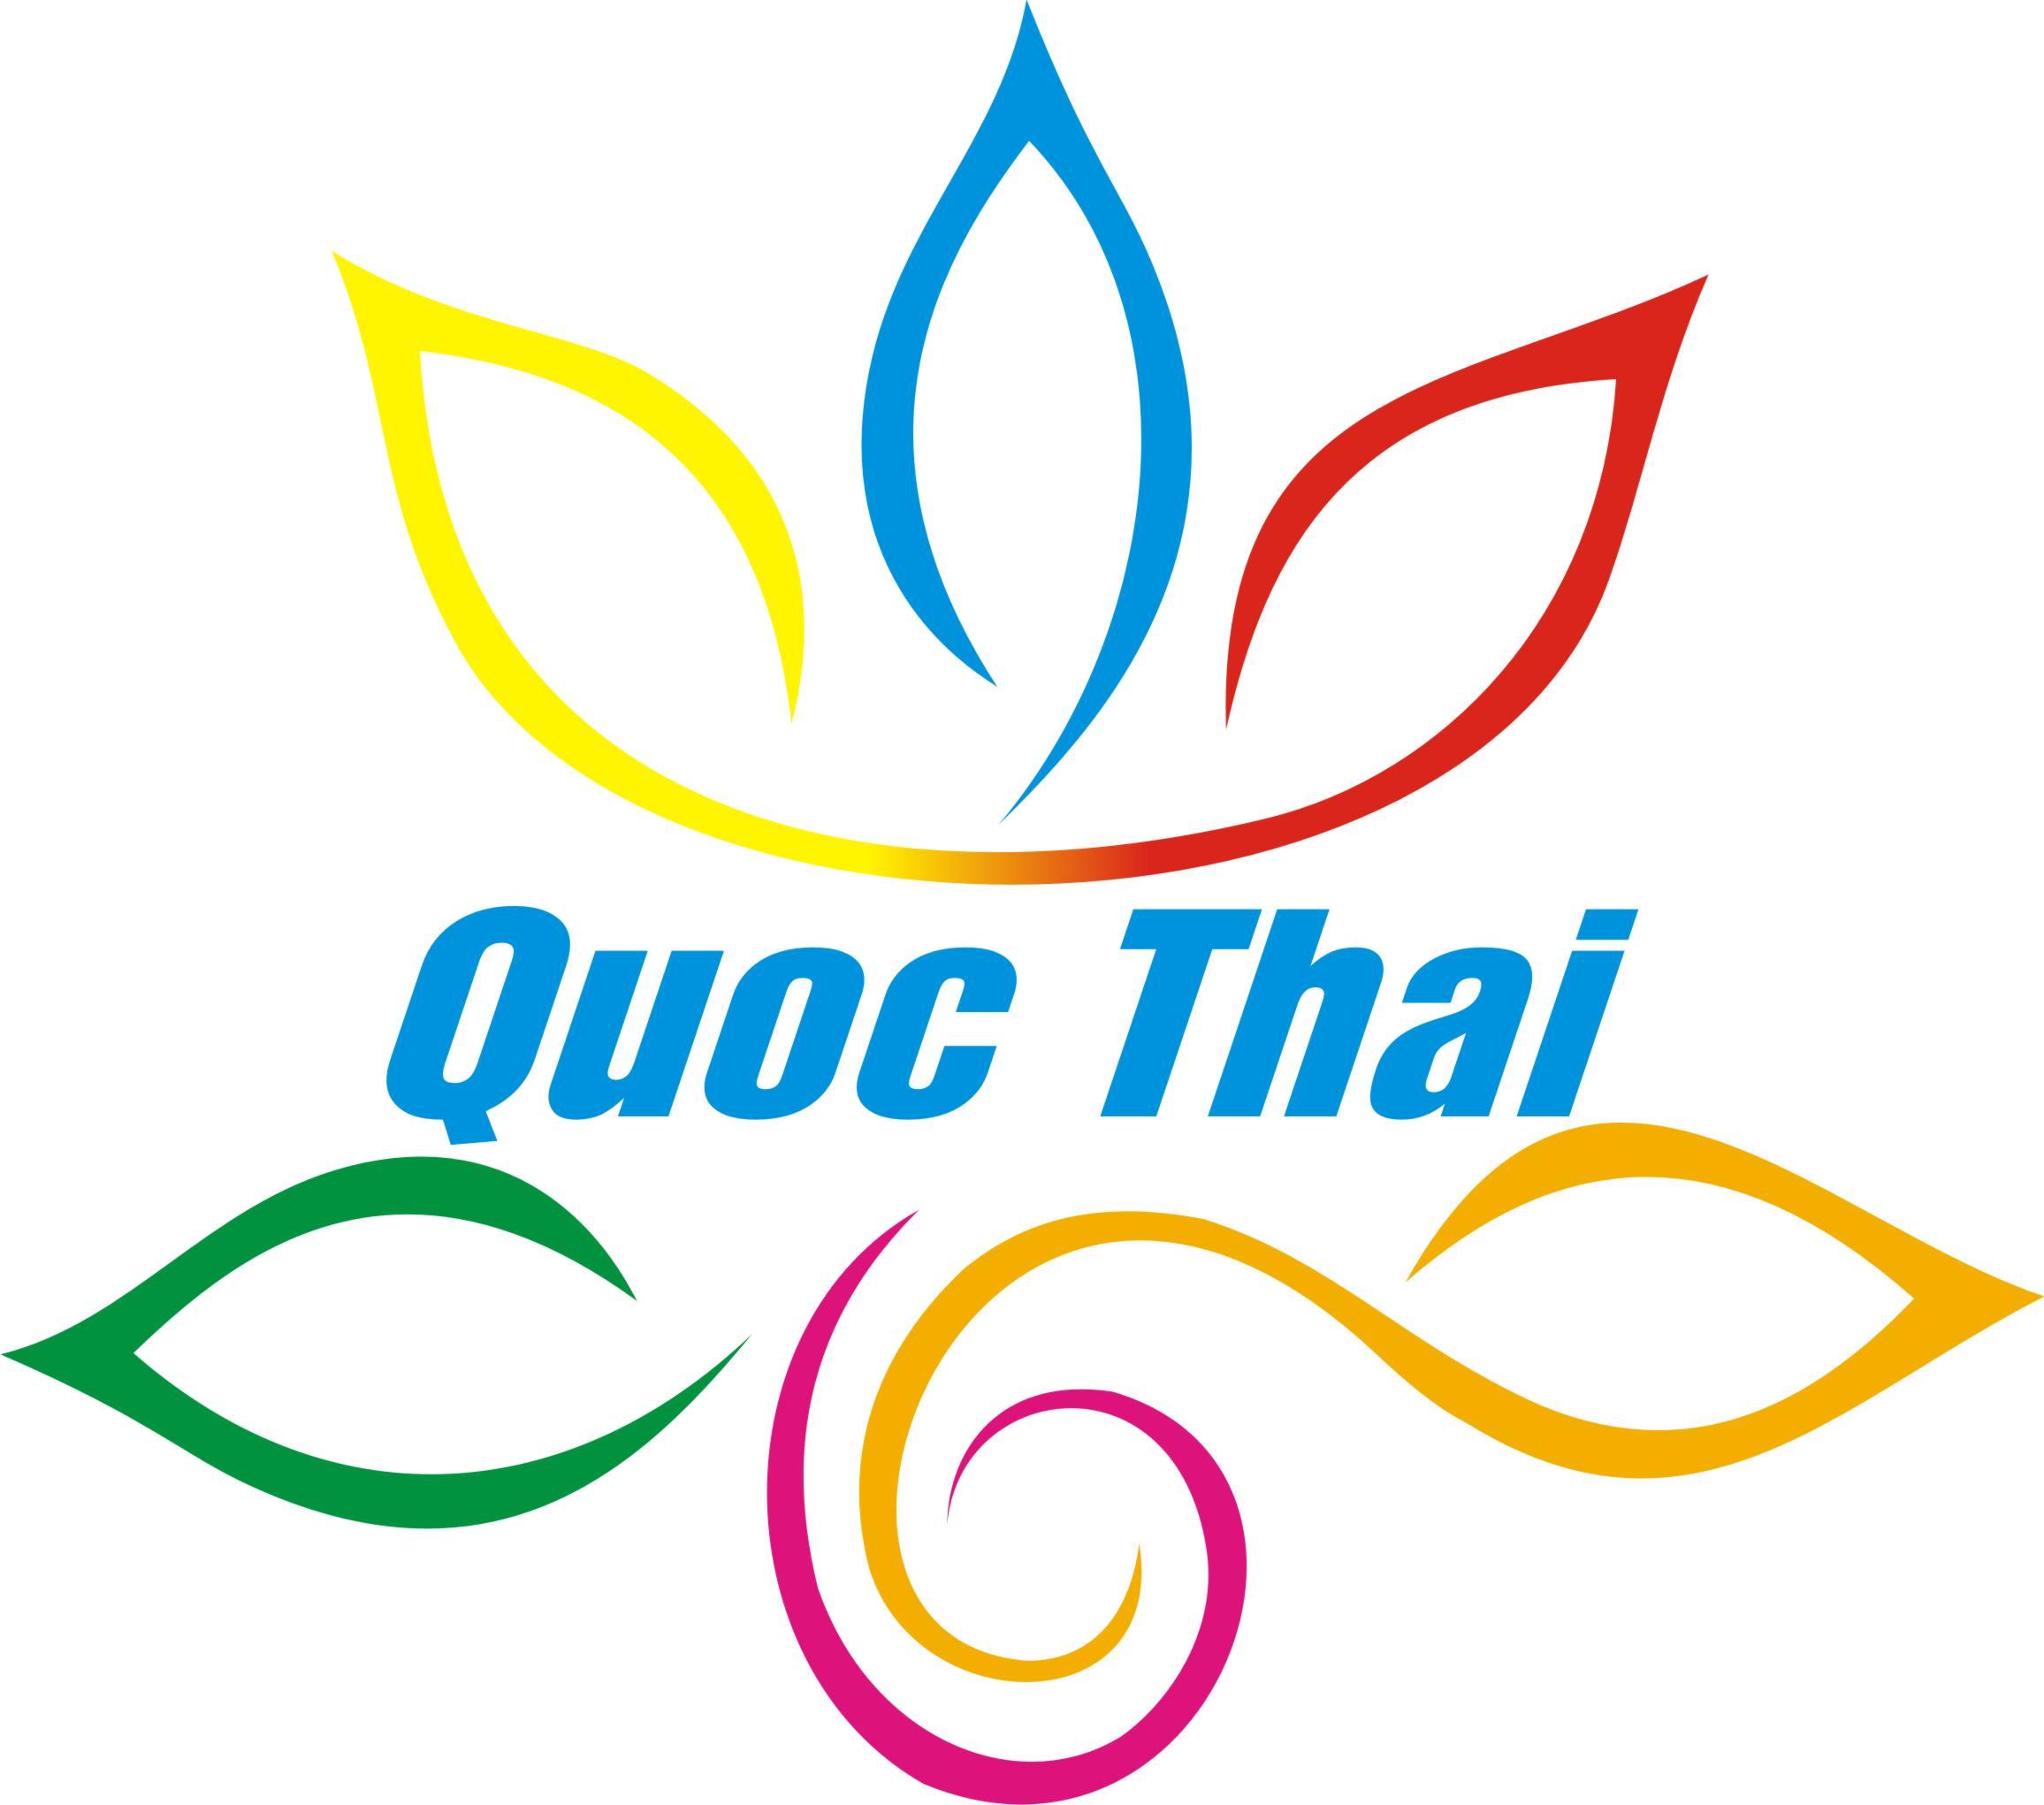 Quảng Cáo Quốc Thái - Công Ty TNHH SX TM DV Quảng Cáo Hội Chợ Triển Lãm Du Lịch Quốc Thái